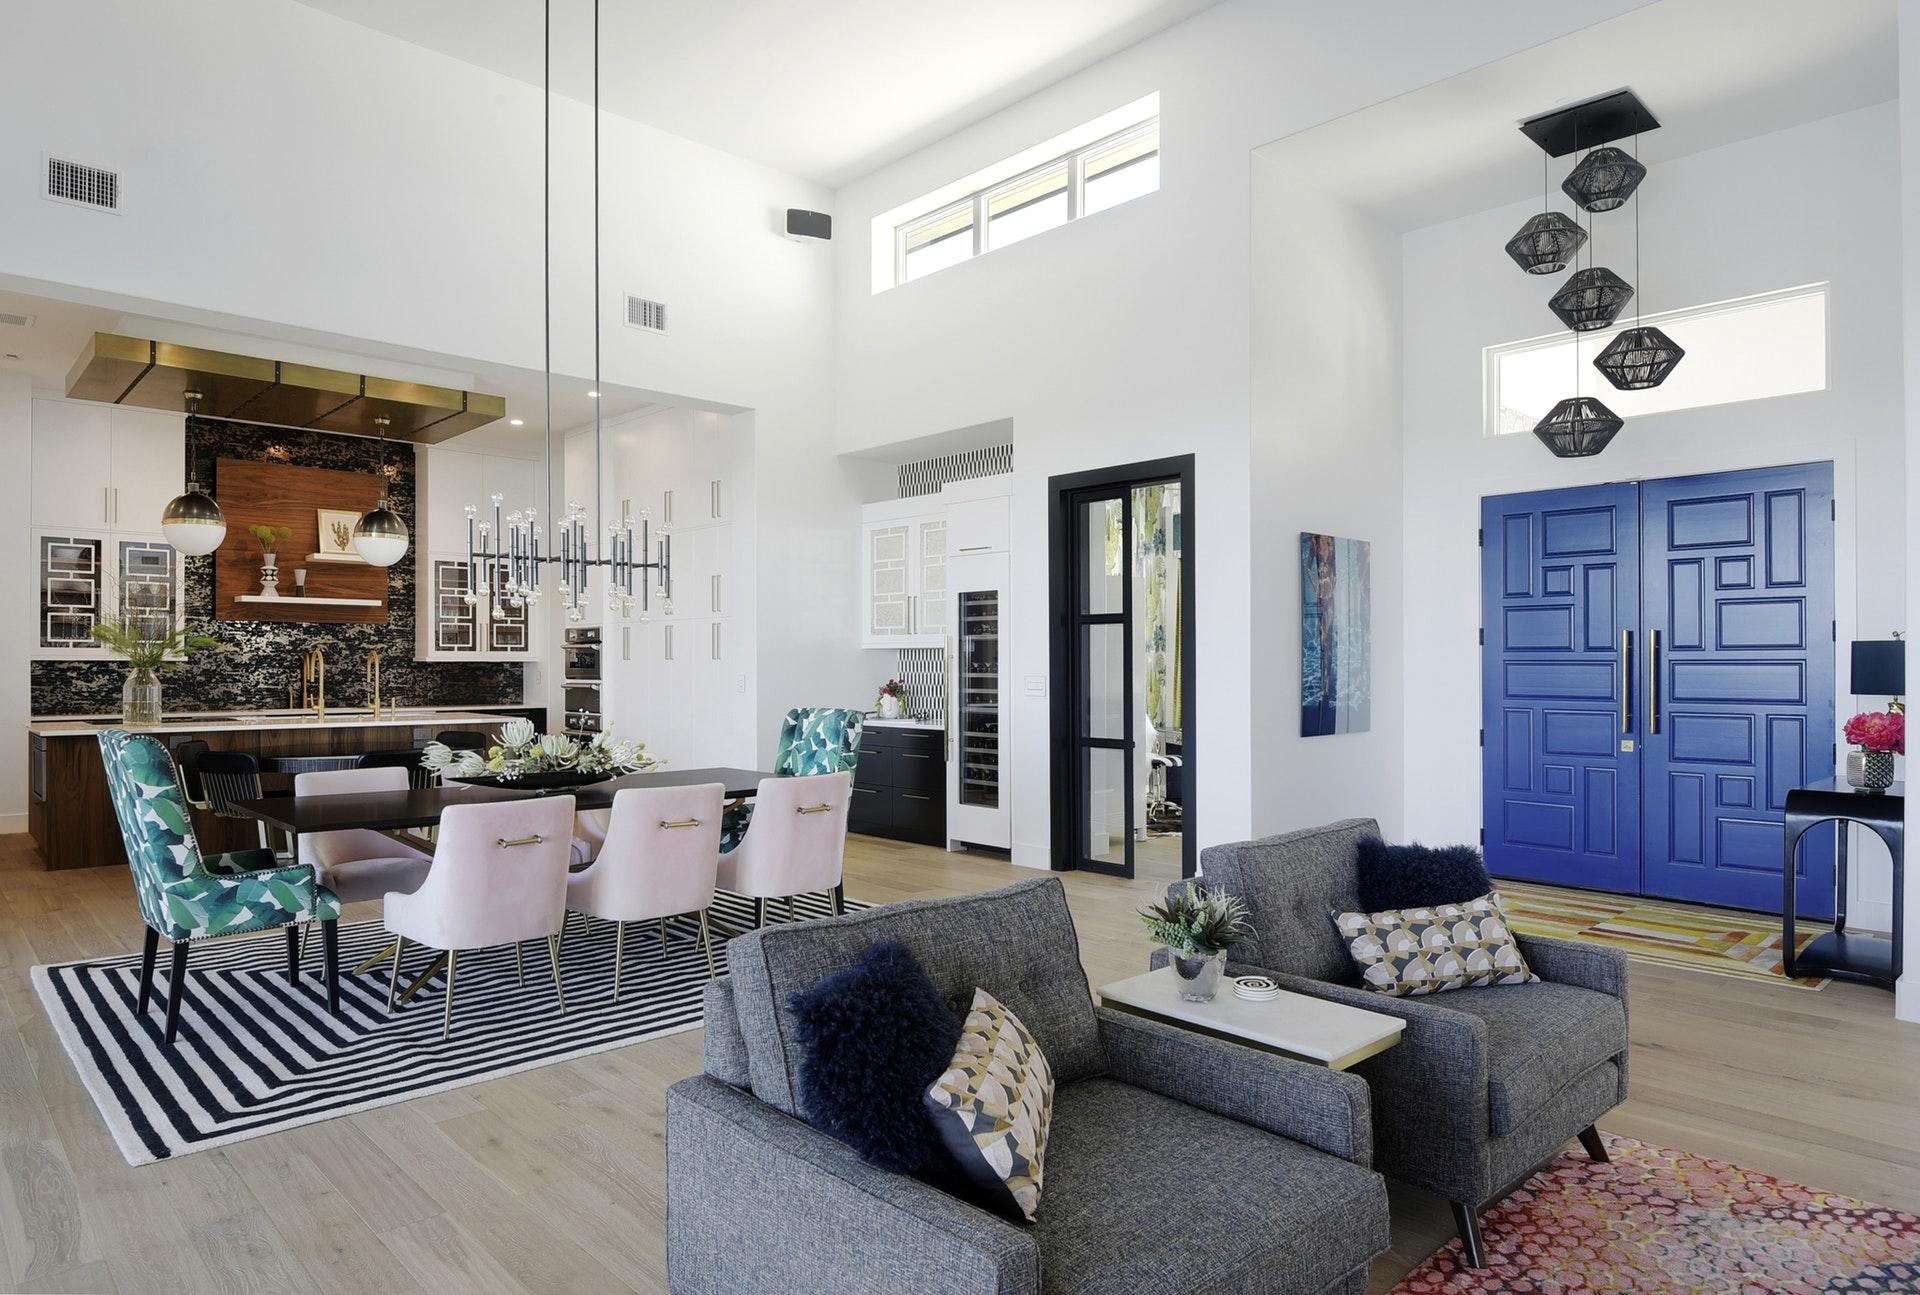 015-293999-Chelsea Kloss Interiors 015_7145533.jpg